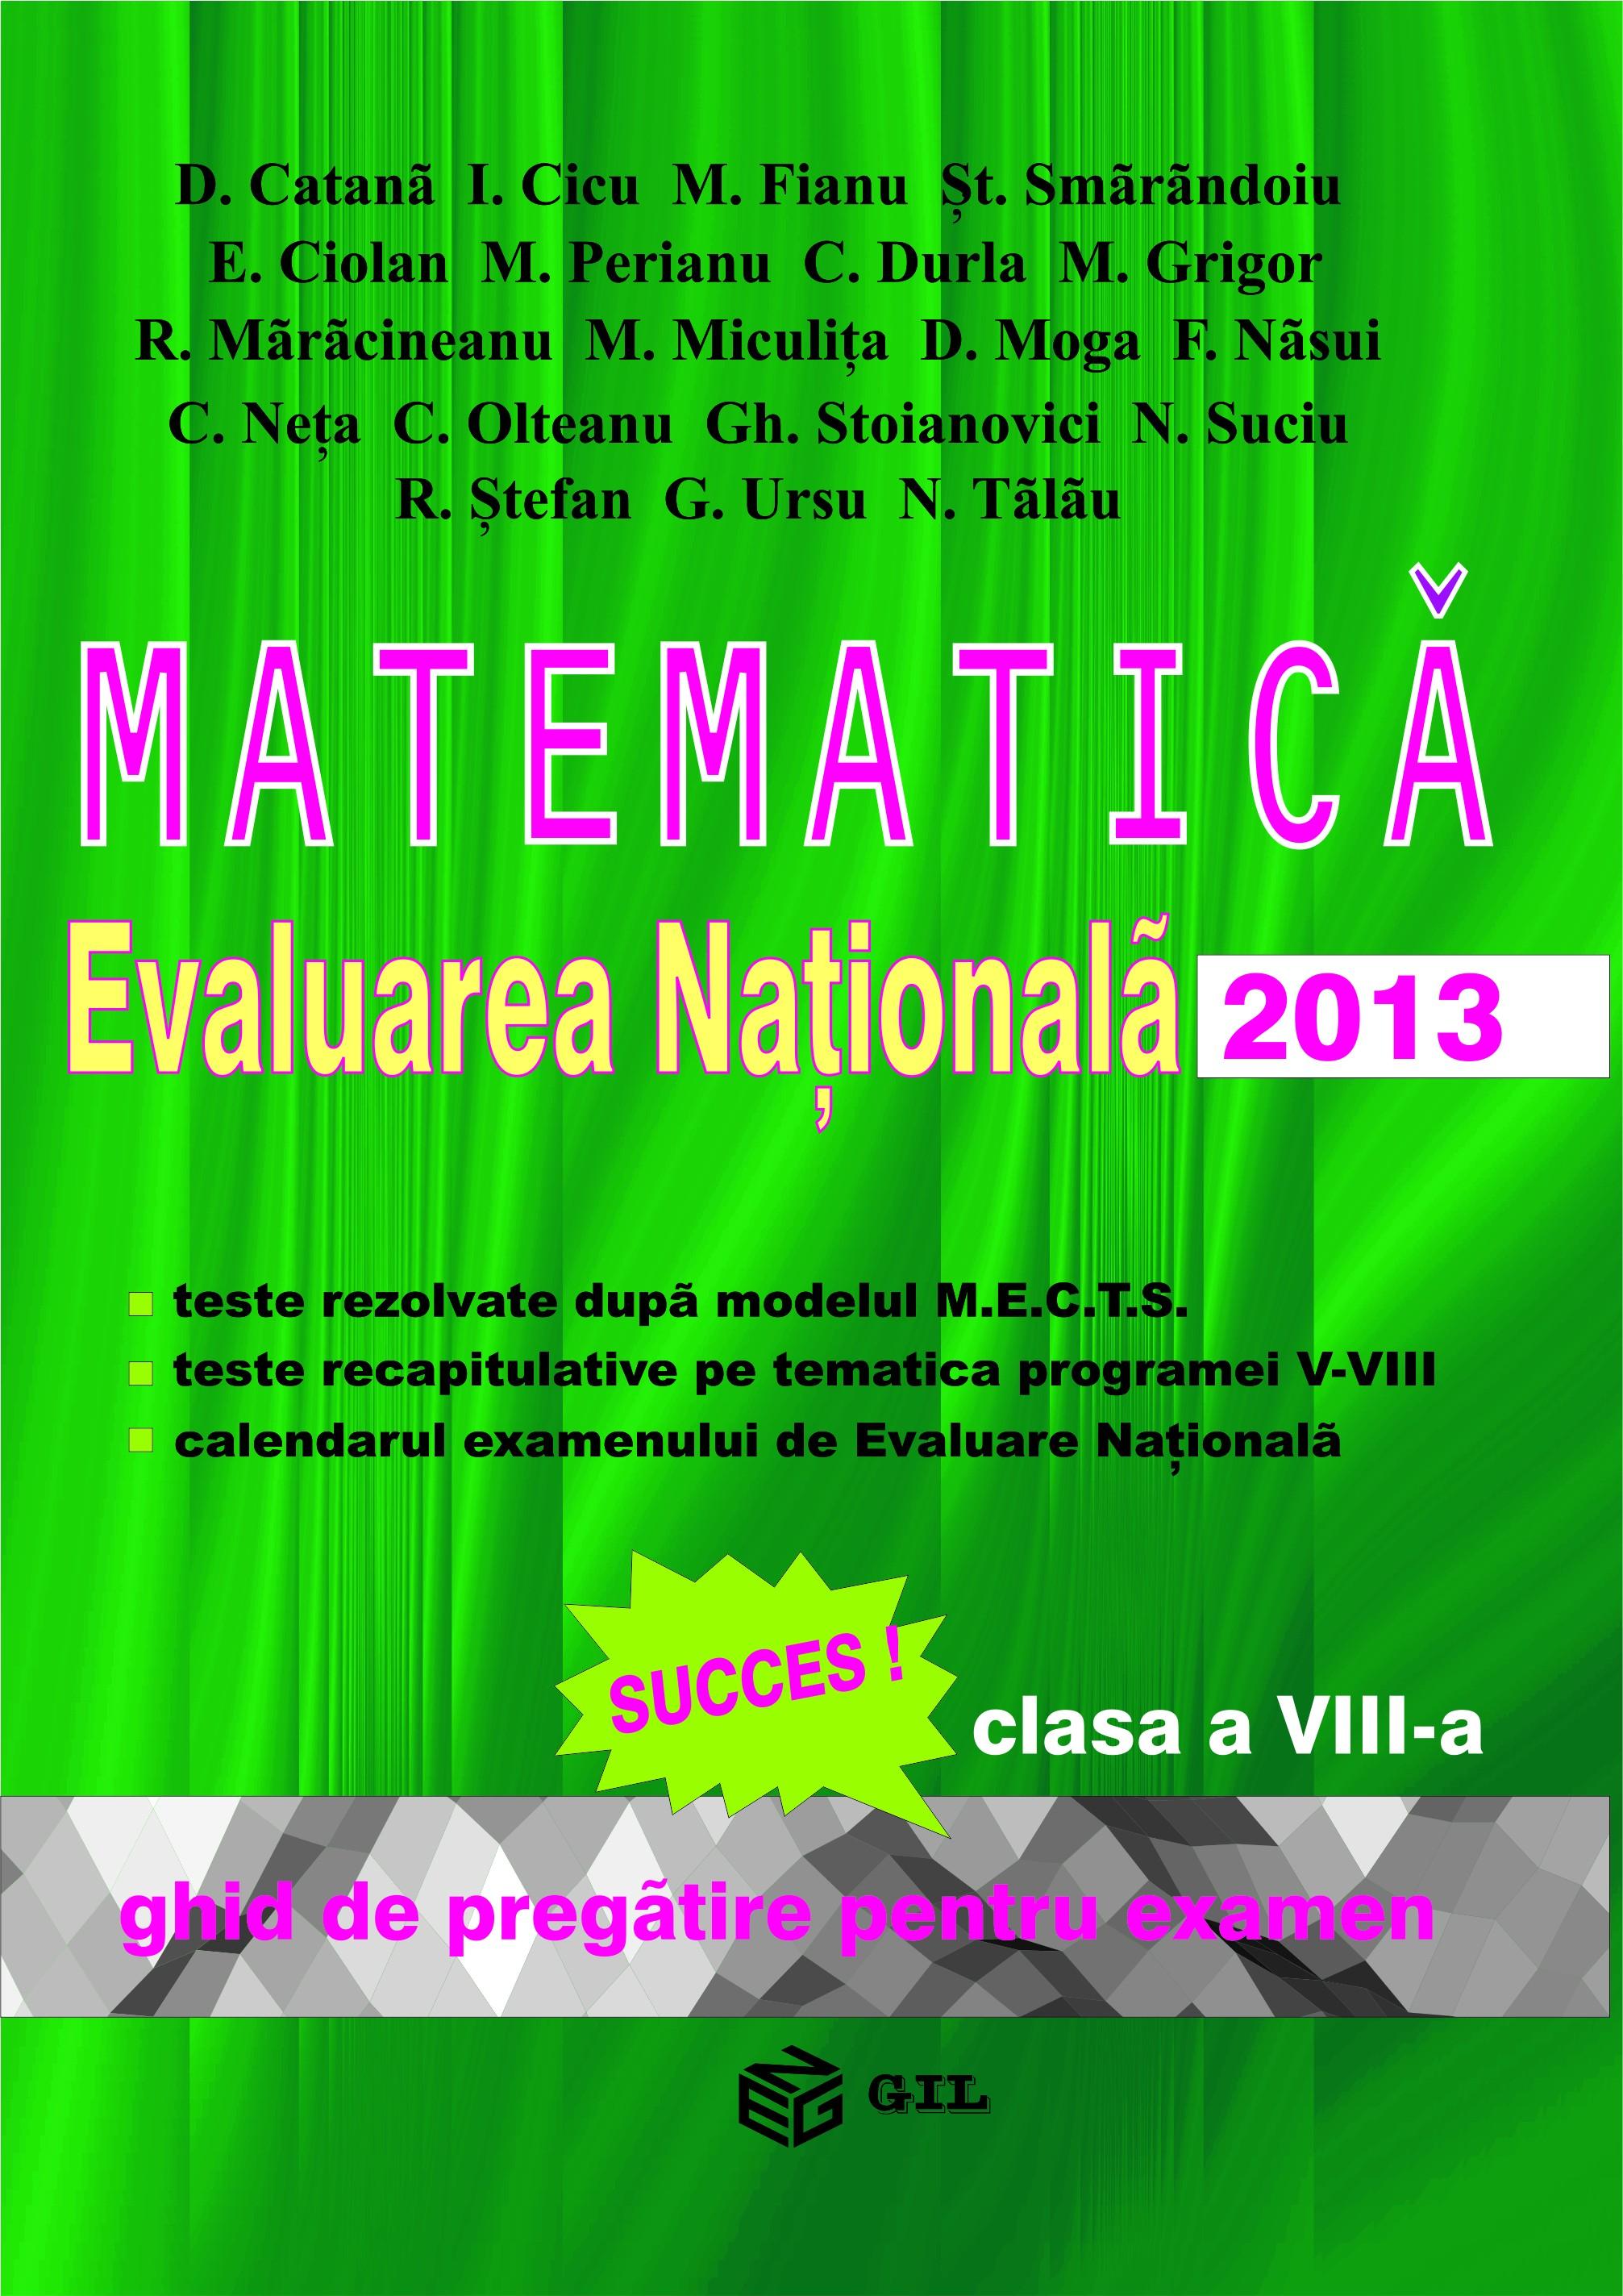 Evaluare Nationala Matematica 2013